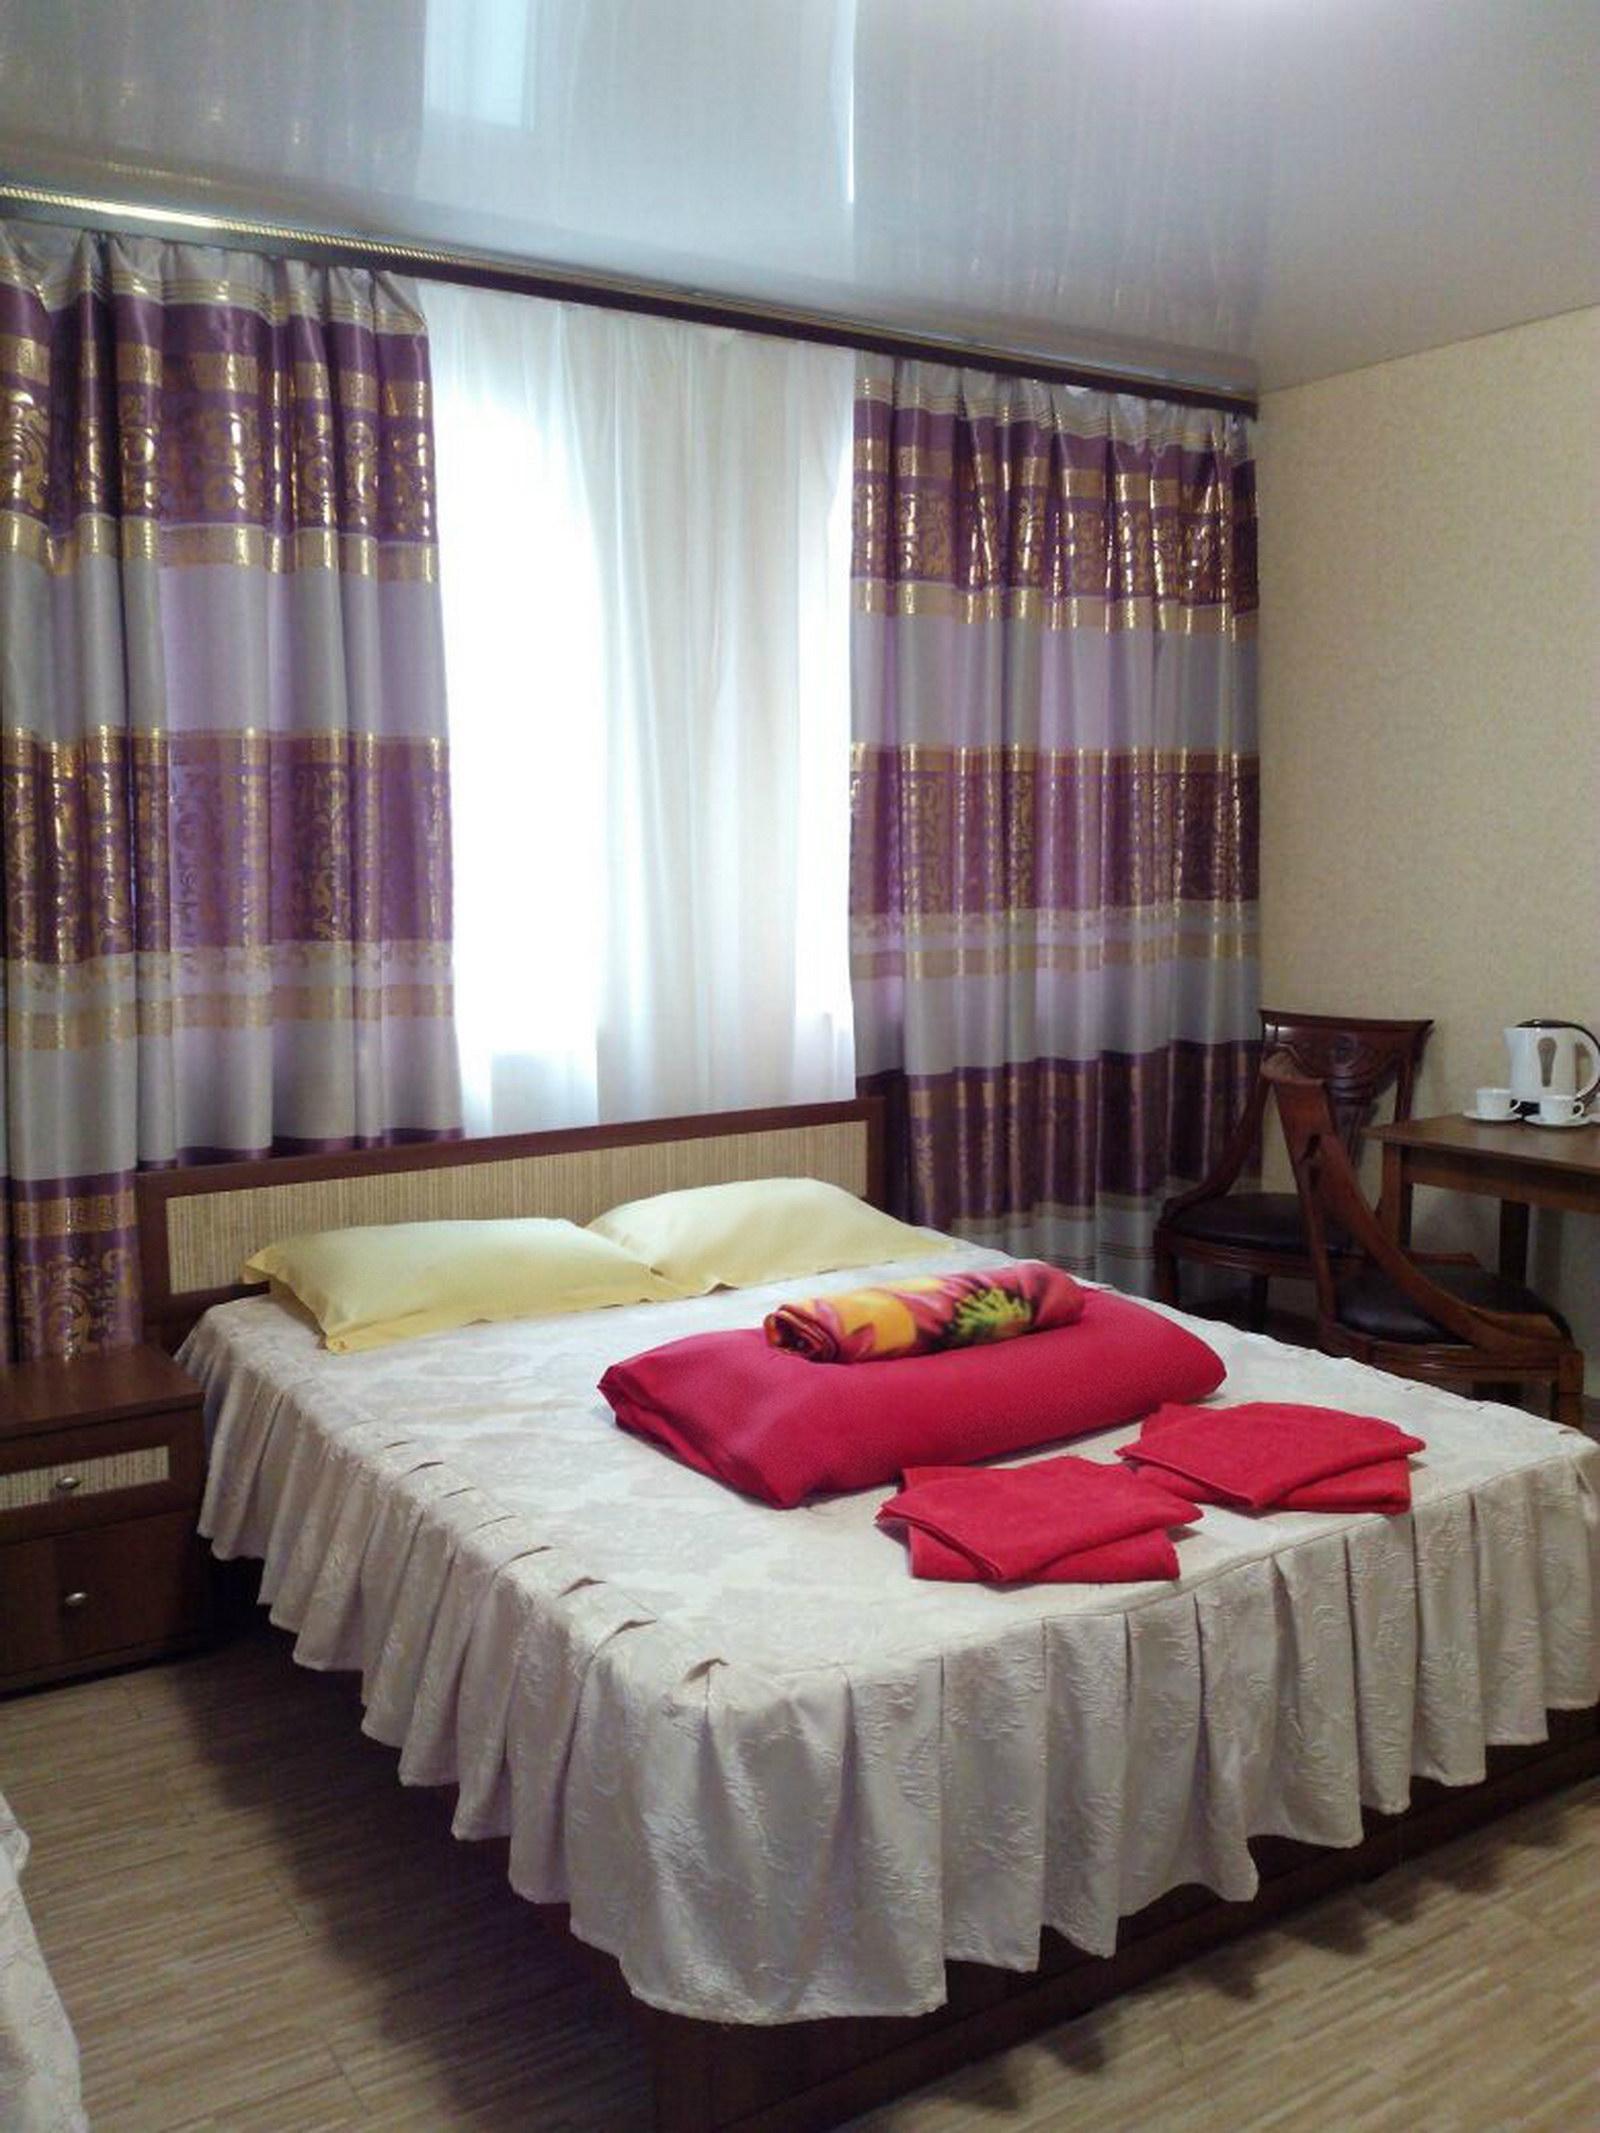 Дешевая гостиница Хабаровска Недорогой хостел в Хабаровске